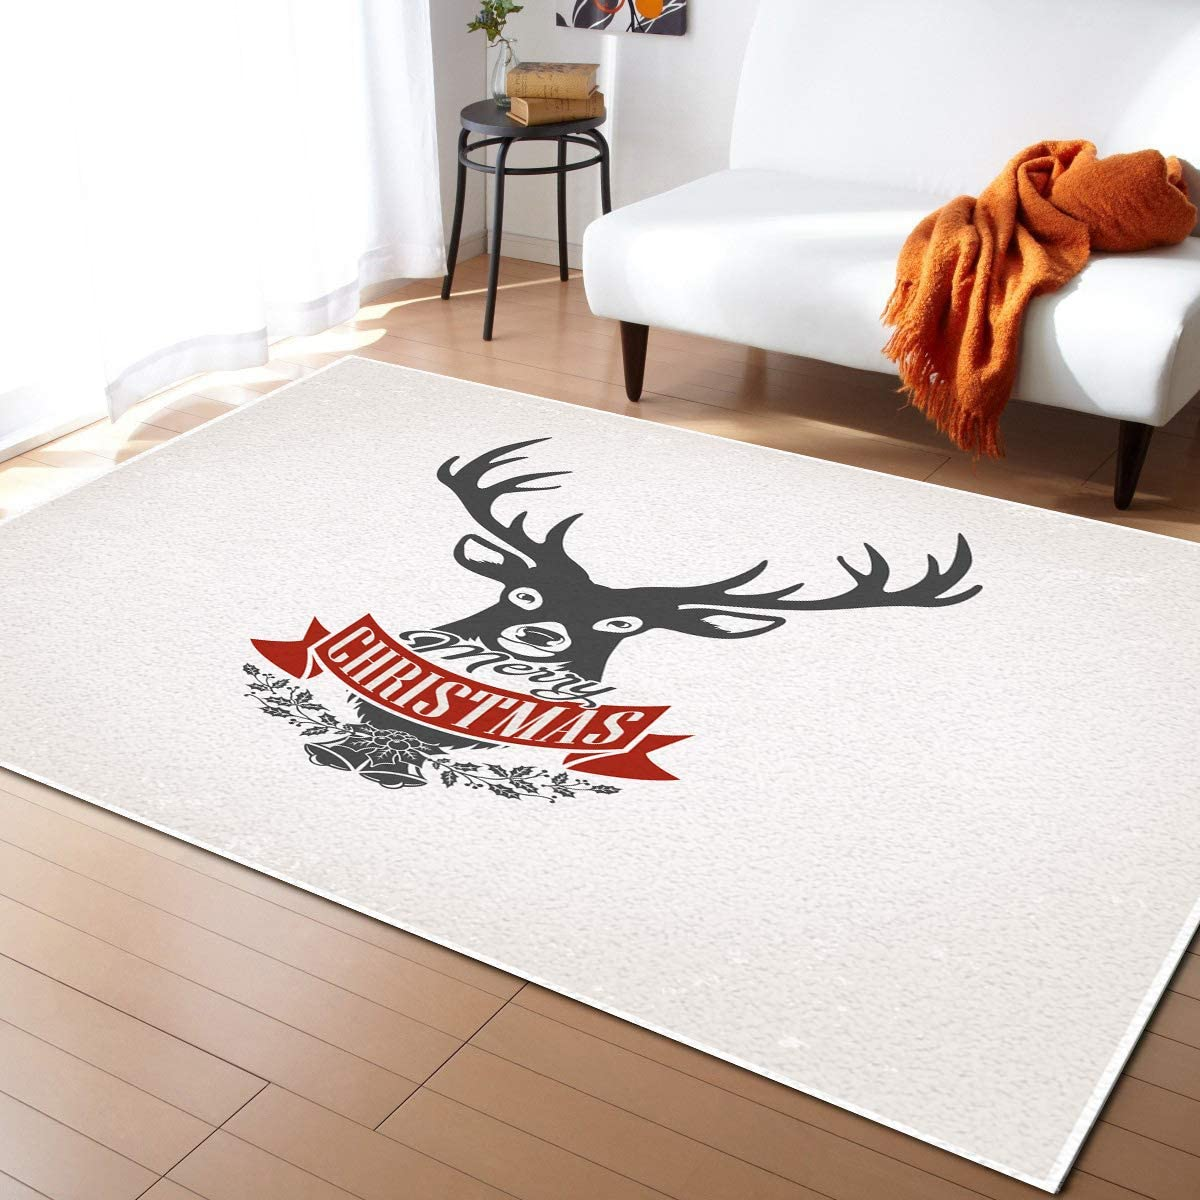 Area Rugs Bargain sale Non Slip 4 years warranty Indoor Floor Christmas Carpet Head Elk Merry